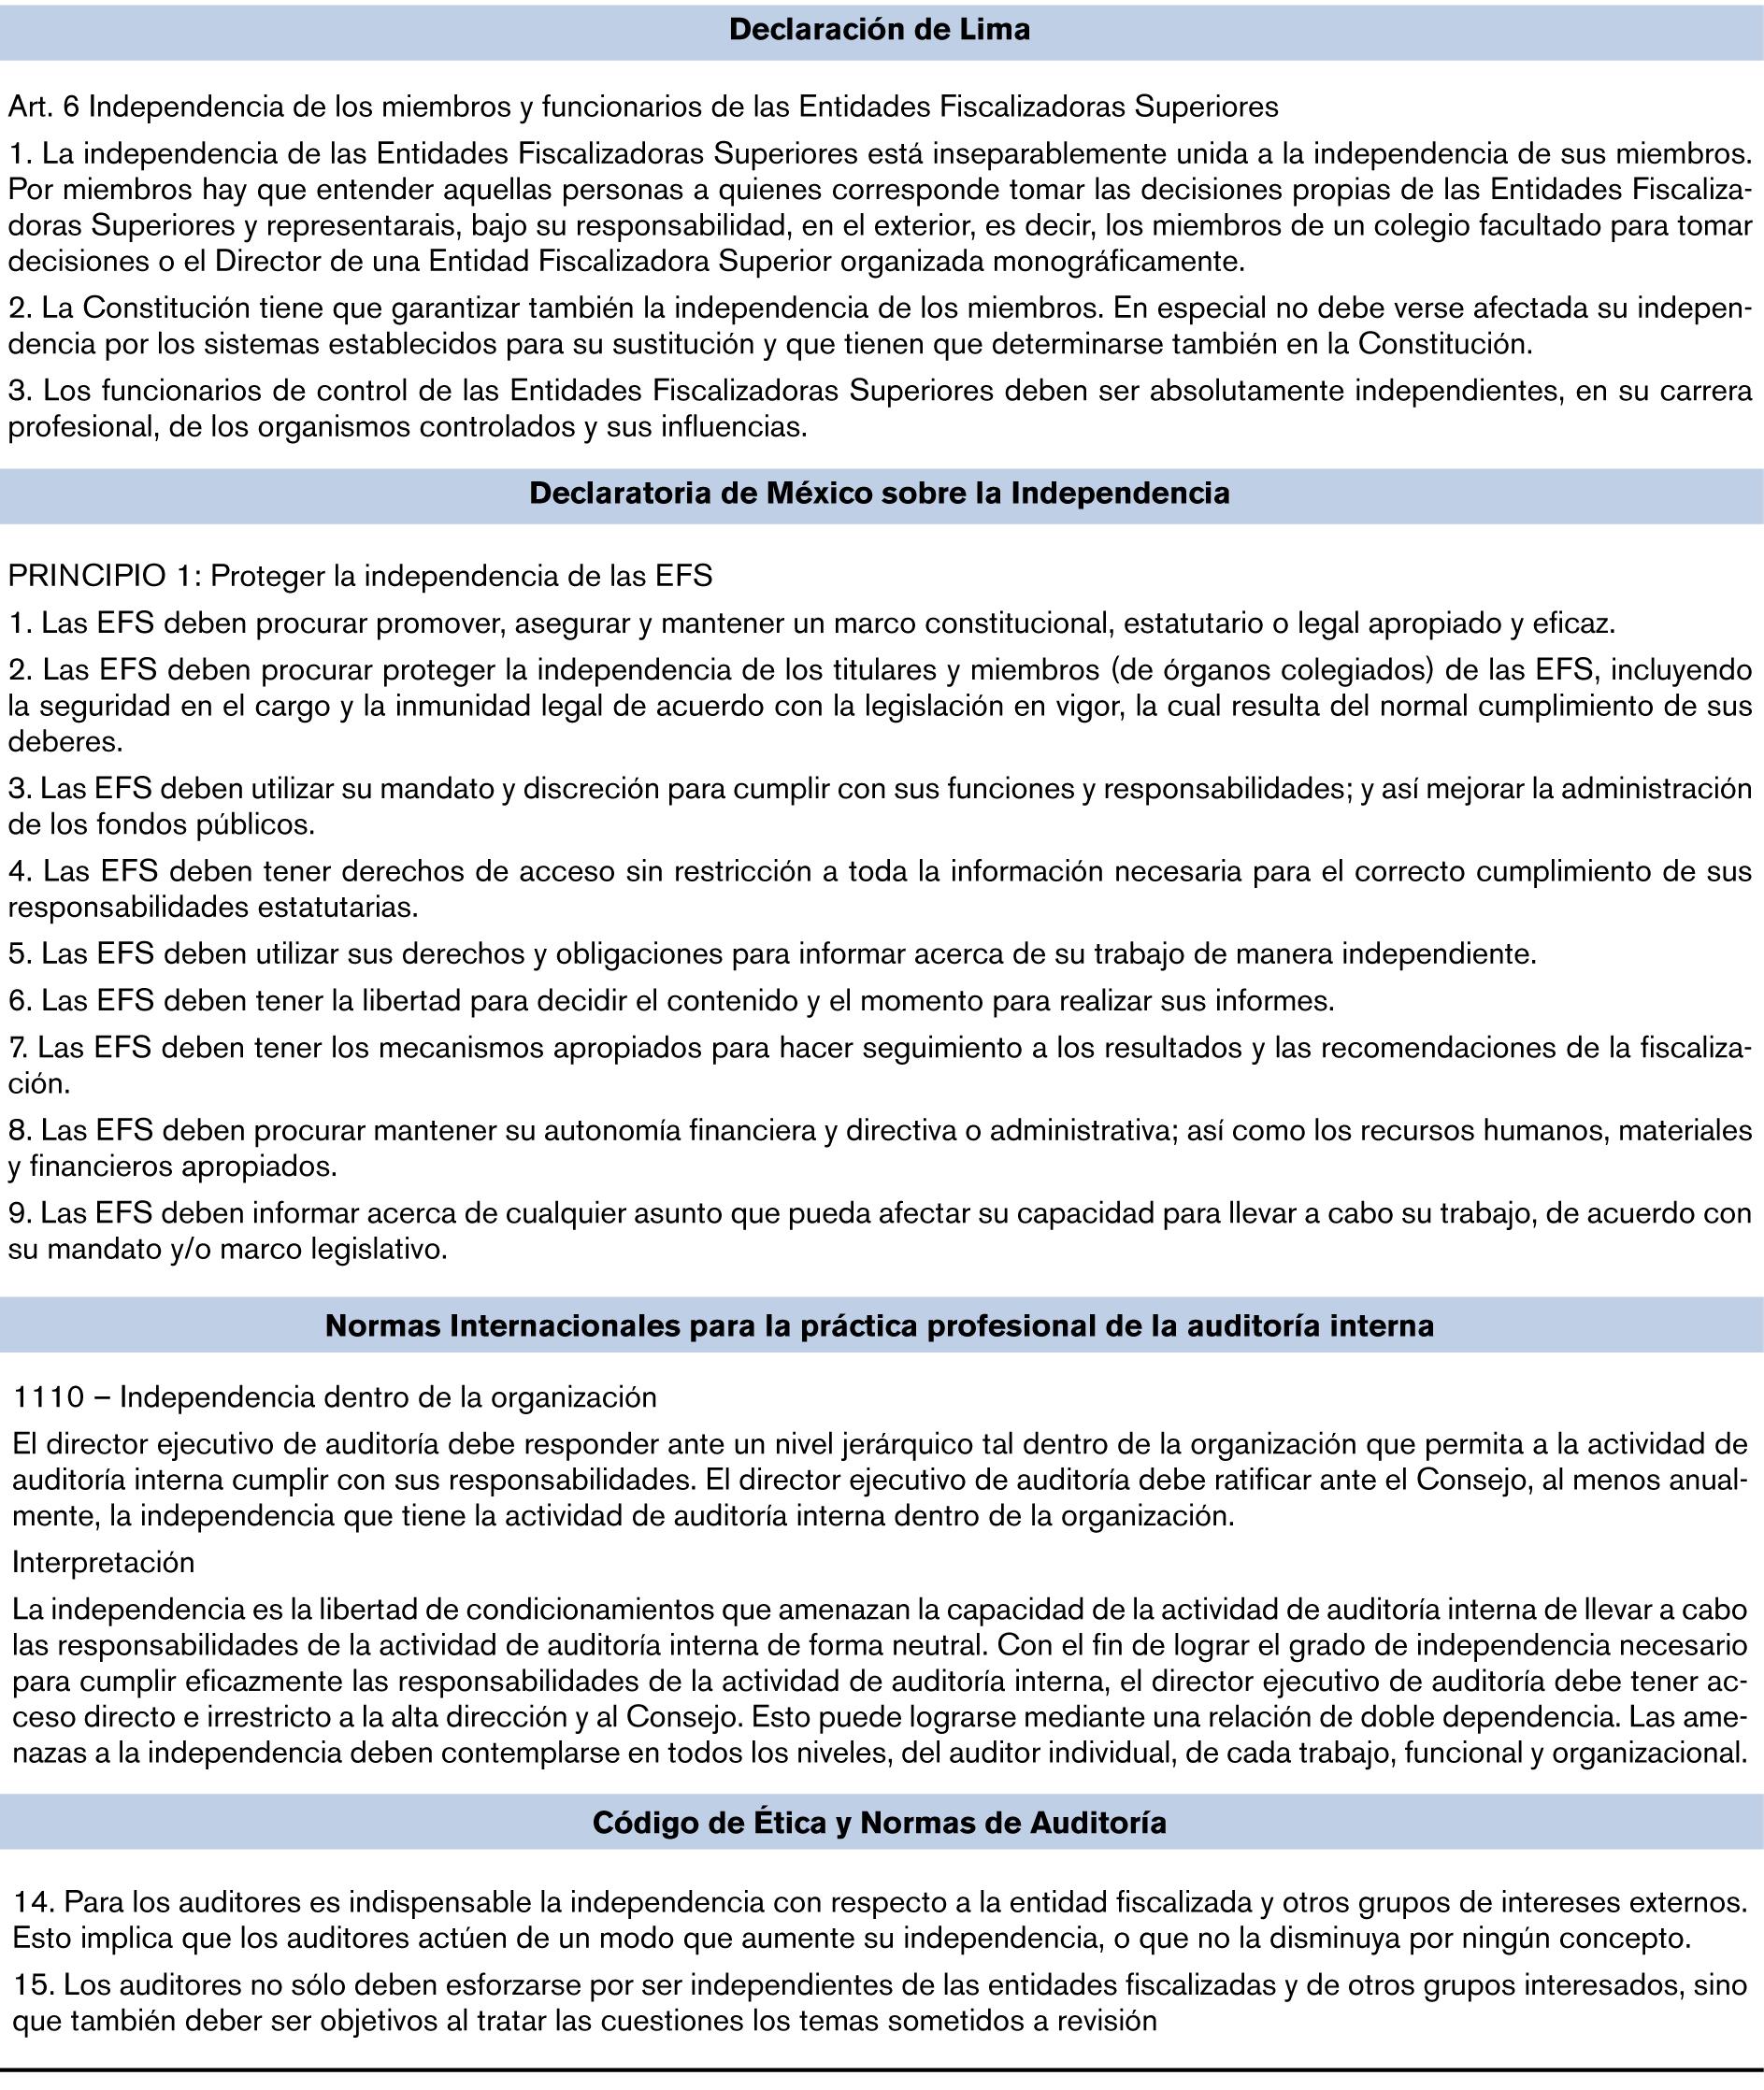 Tratados y convenios internacionales que regulan los principios ...